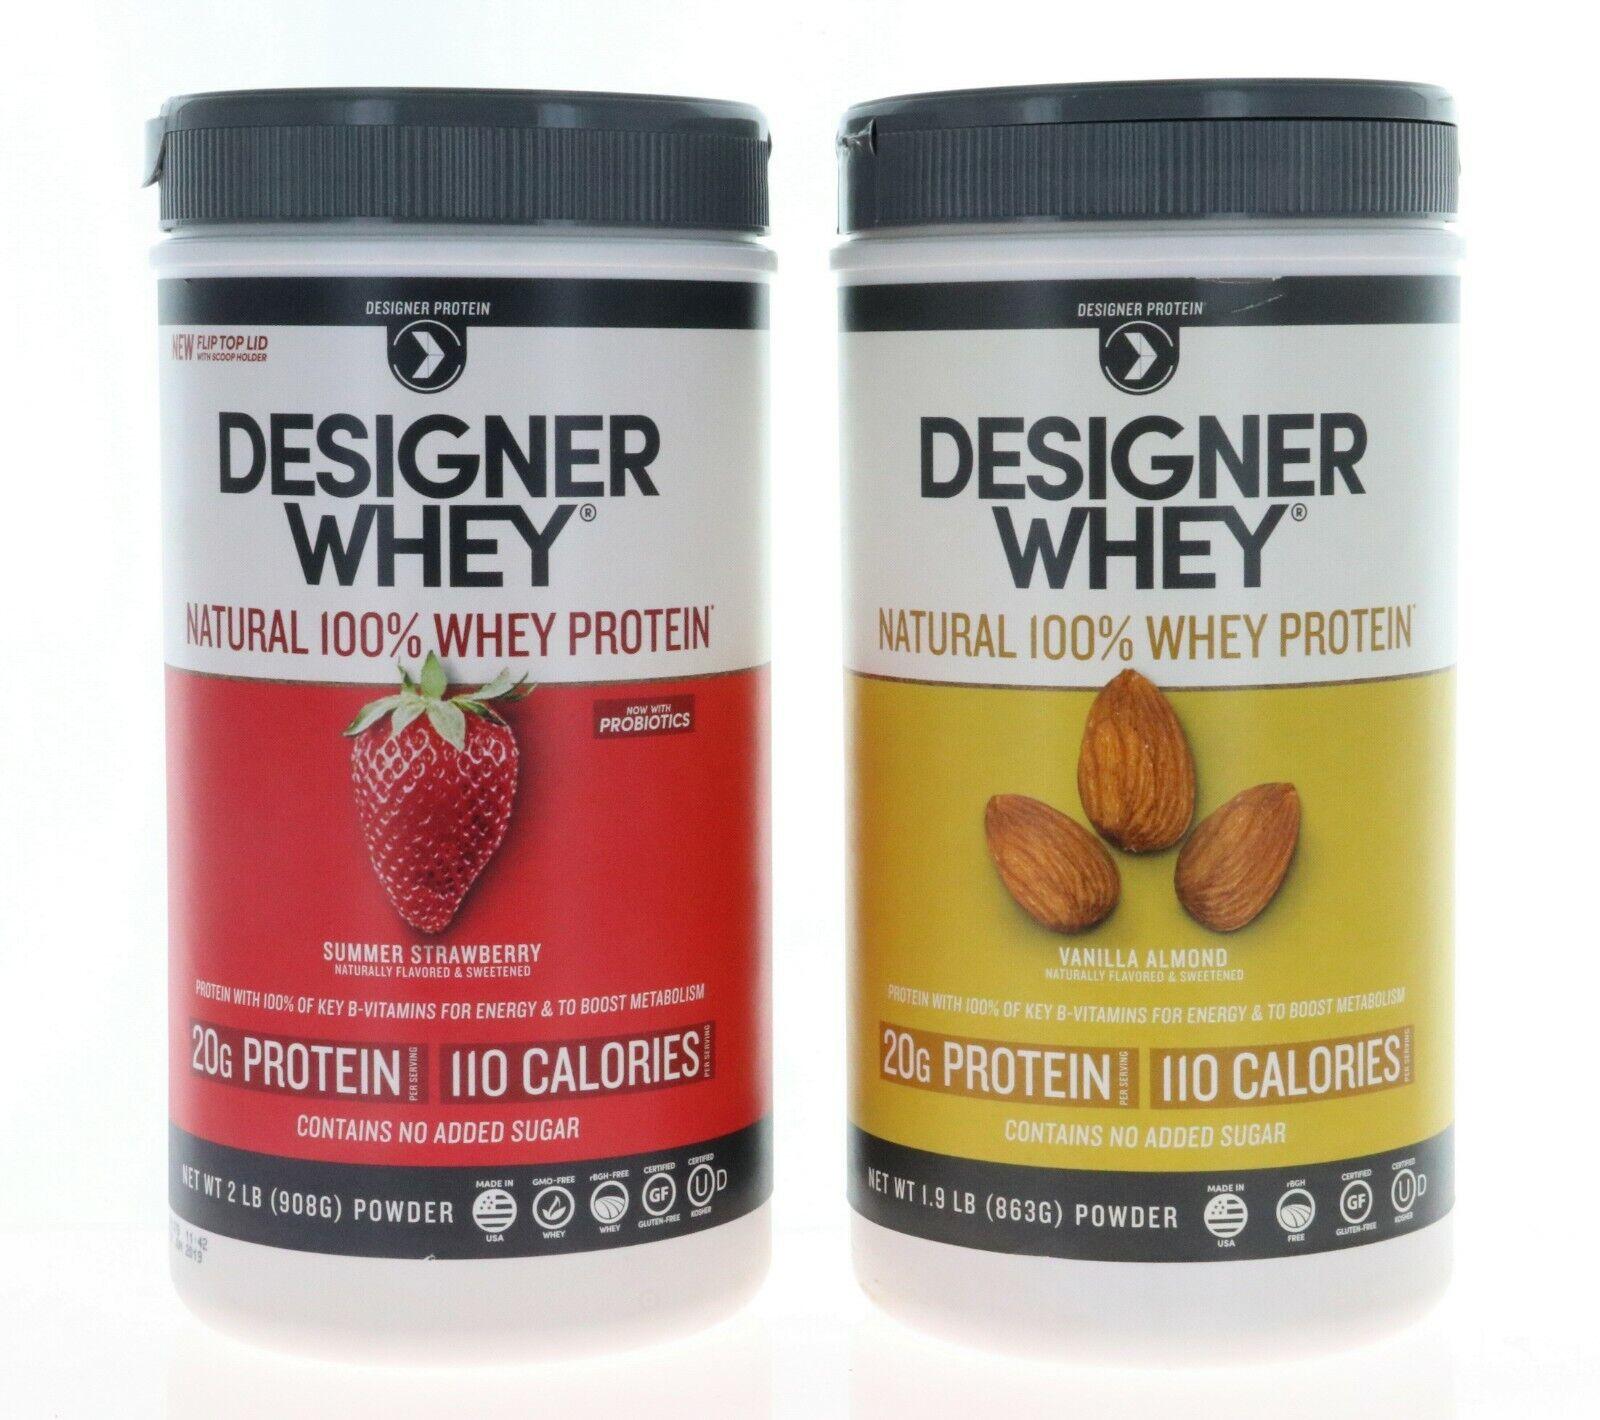 Designer Protein Designer Whey Natural 100% Whey Protein 2 l